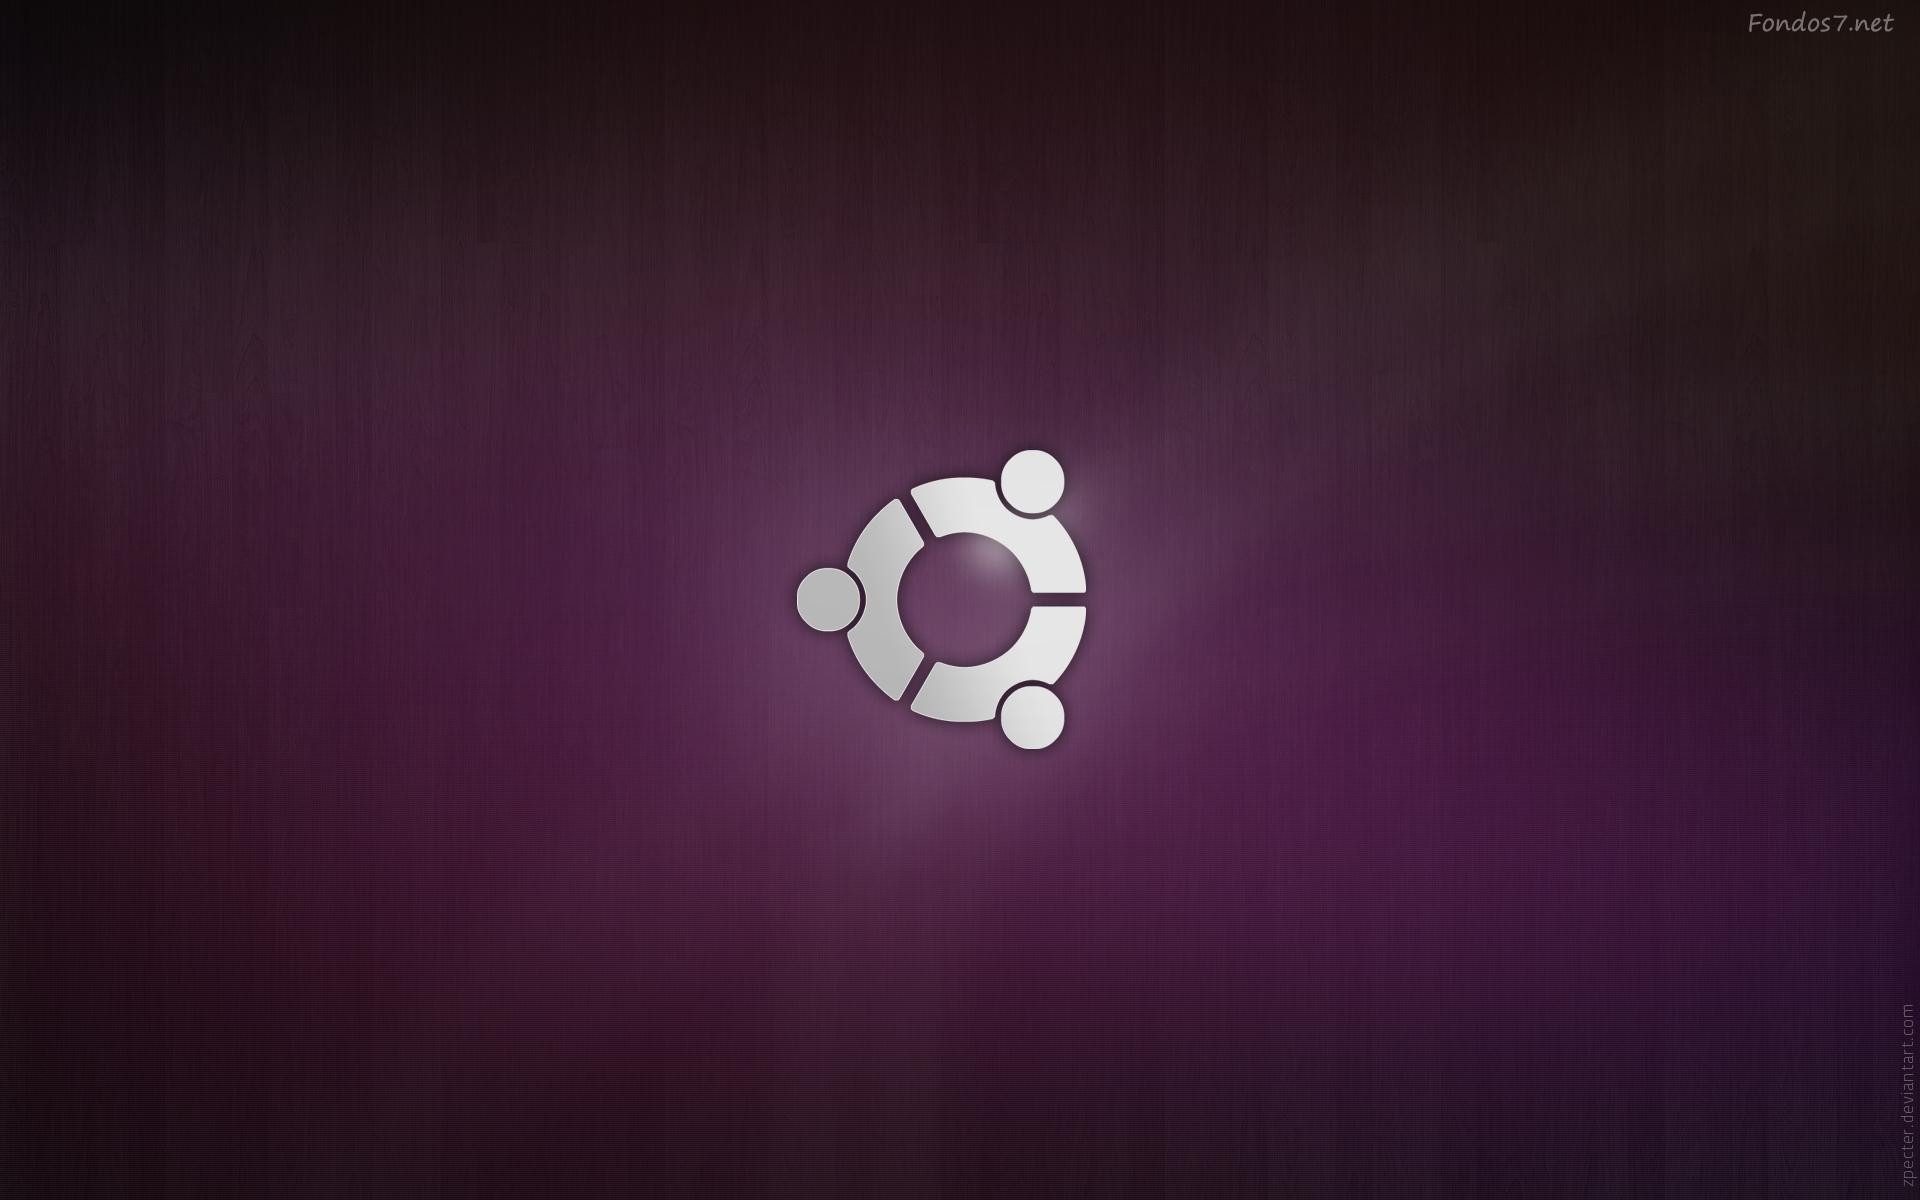 1366x768 simple ubuntu desktop - photo #8